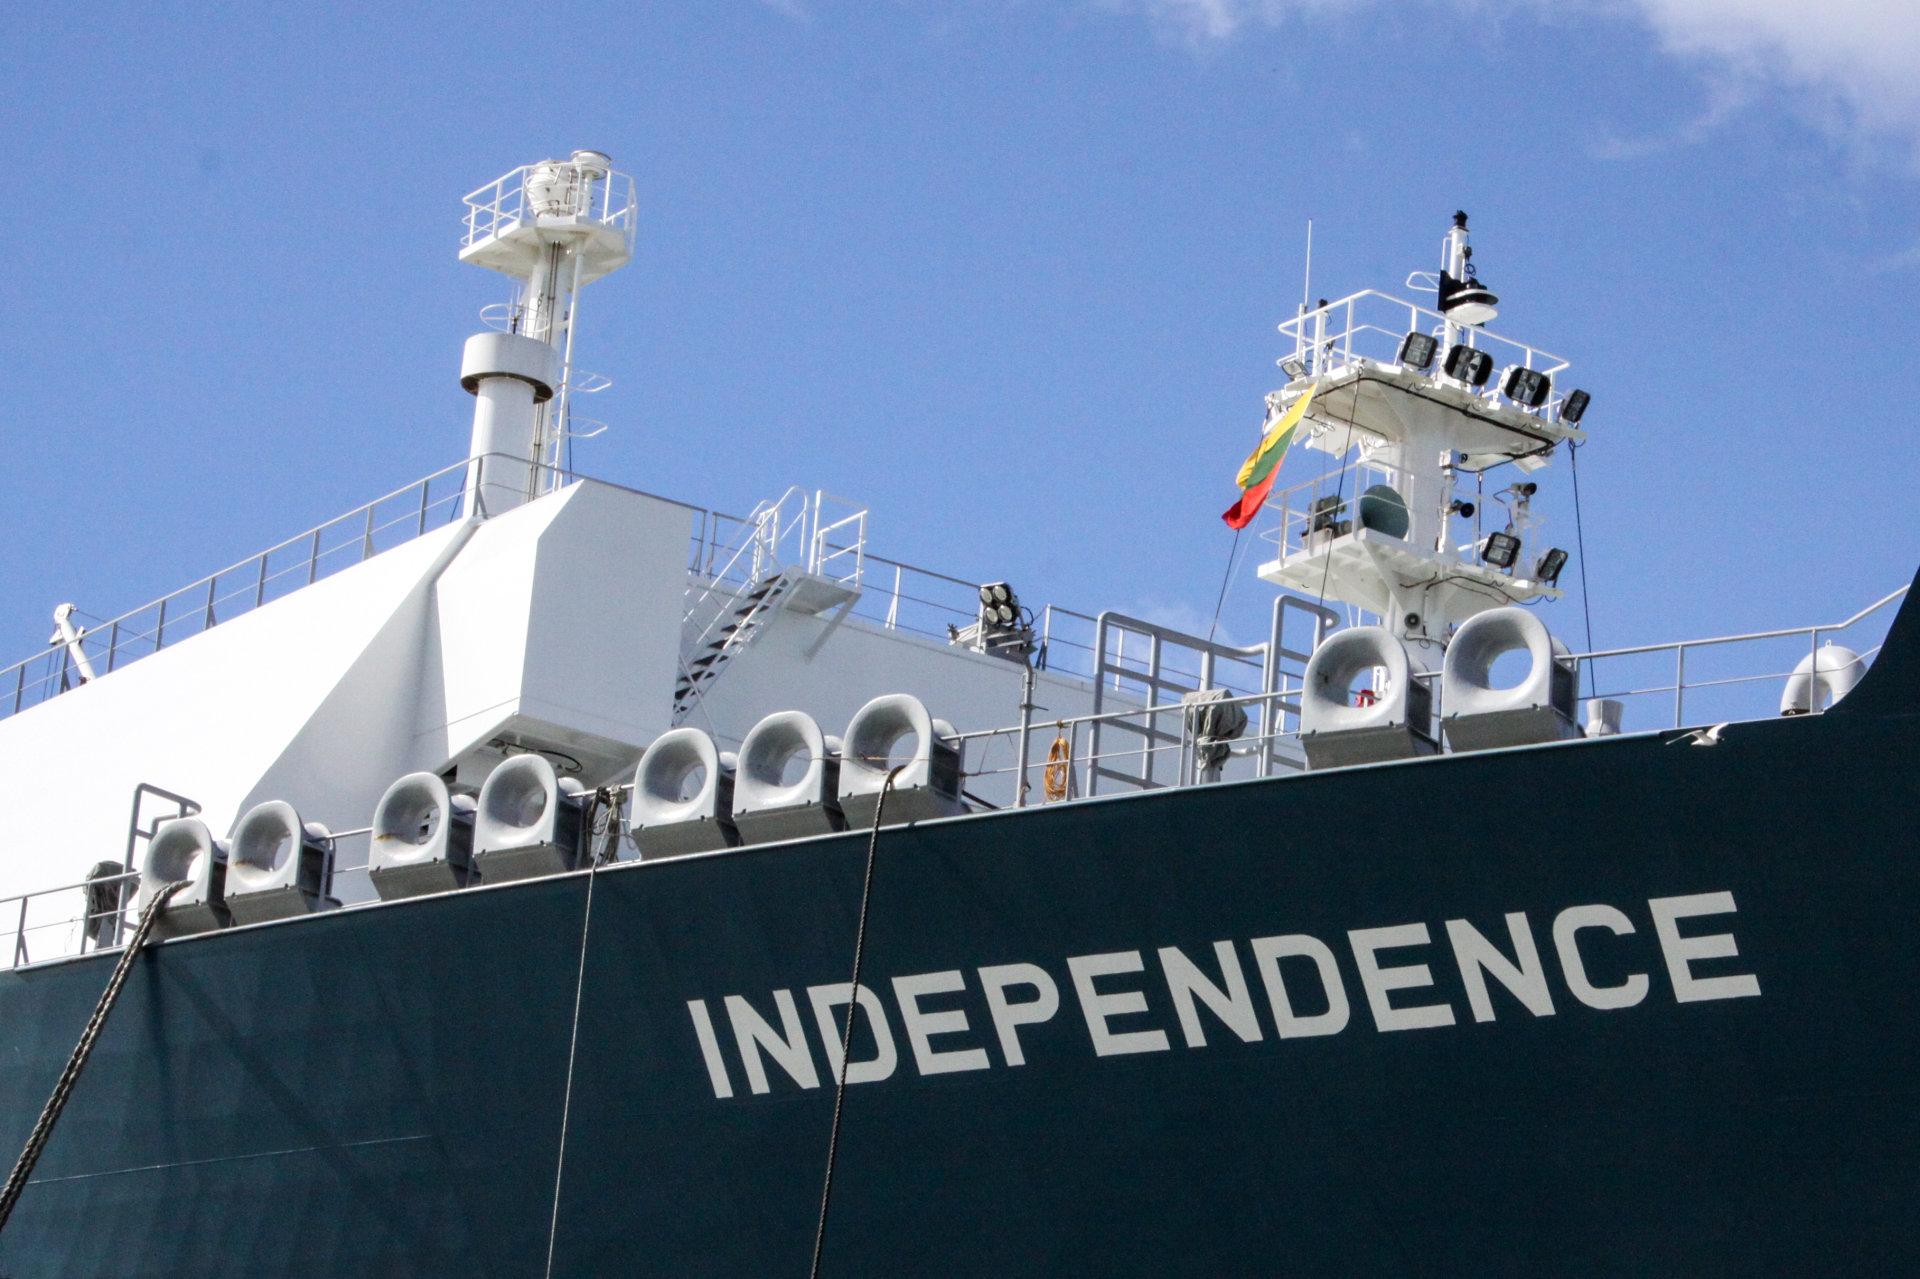 Independence - energetinė nepriklausomybė